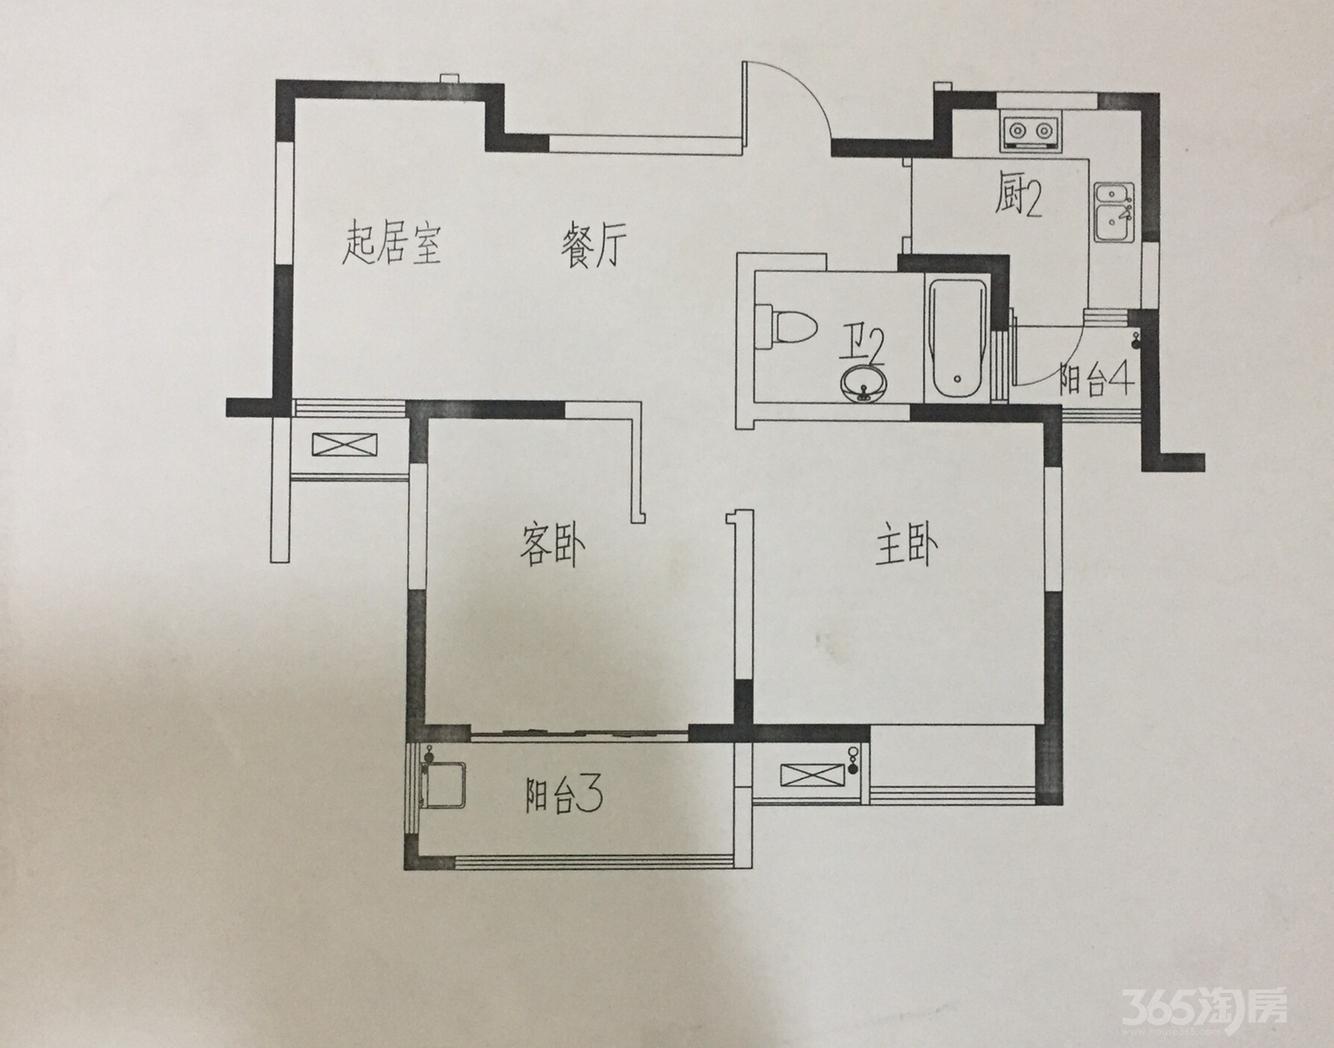 履丰苑2室1厅1卫75平米...